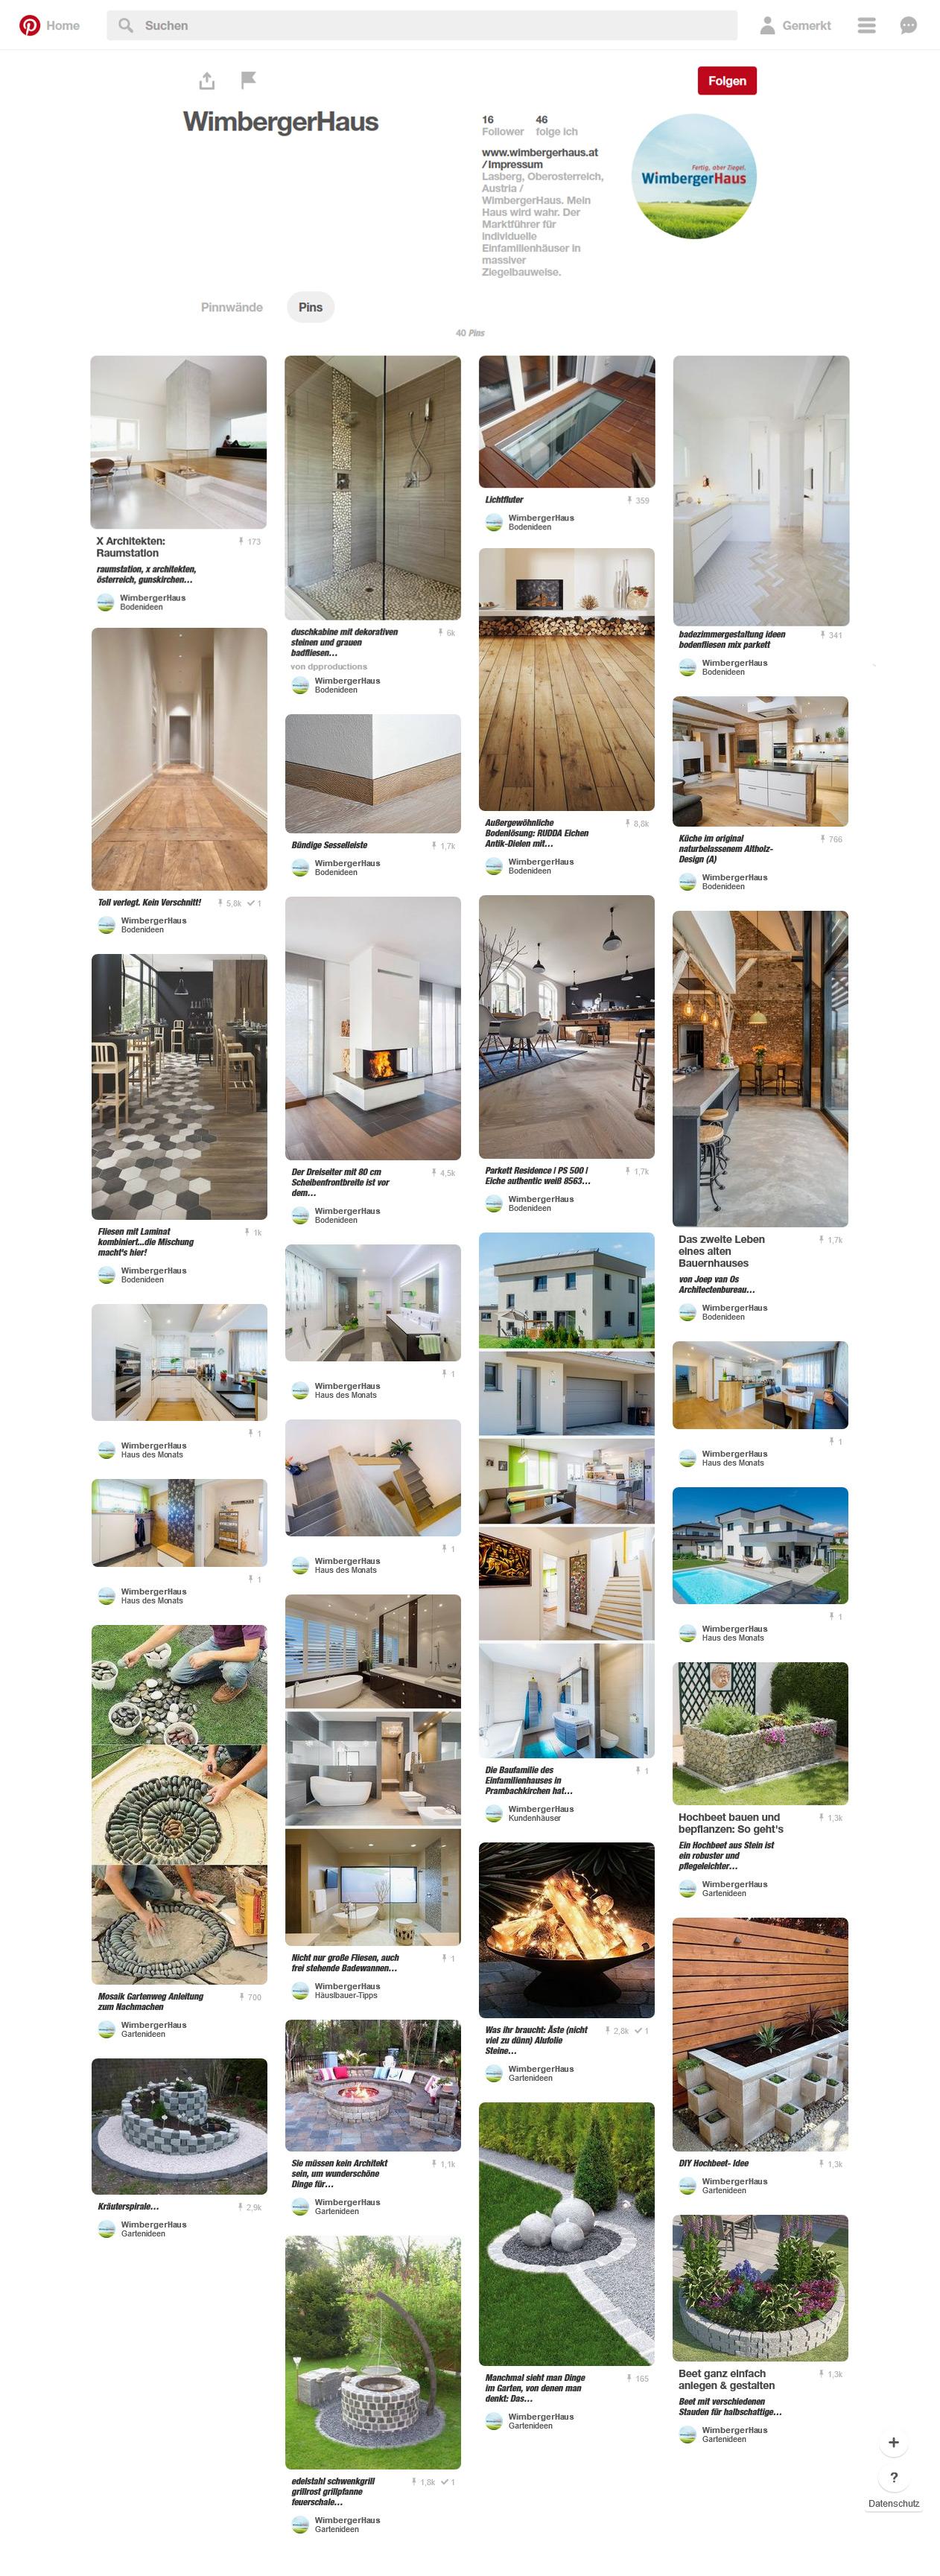 Wimberger Haus Social Media Agentur Wien Linz Zurich Und Munchen